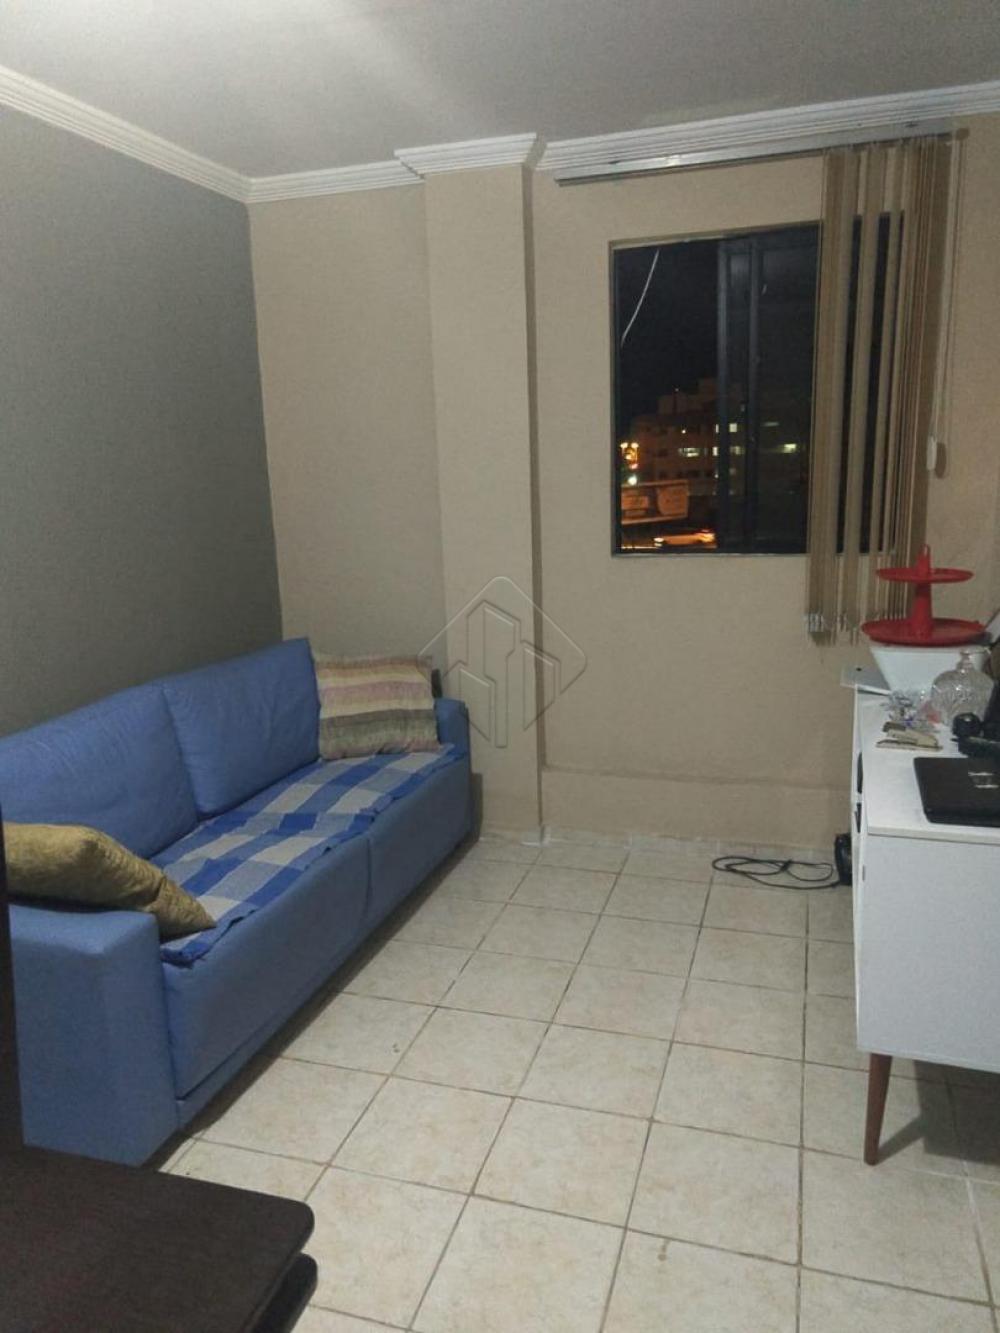 Comprar Apartamento / Padrão em João Pessoa apenas R$ 225.000,00 - Foto 2